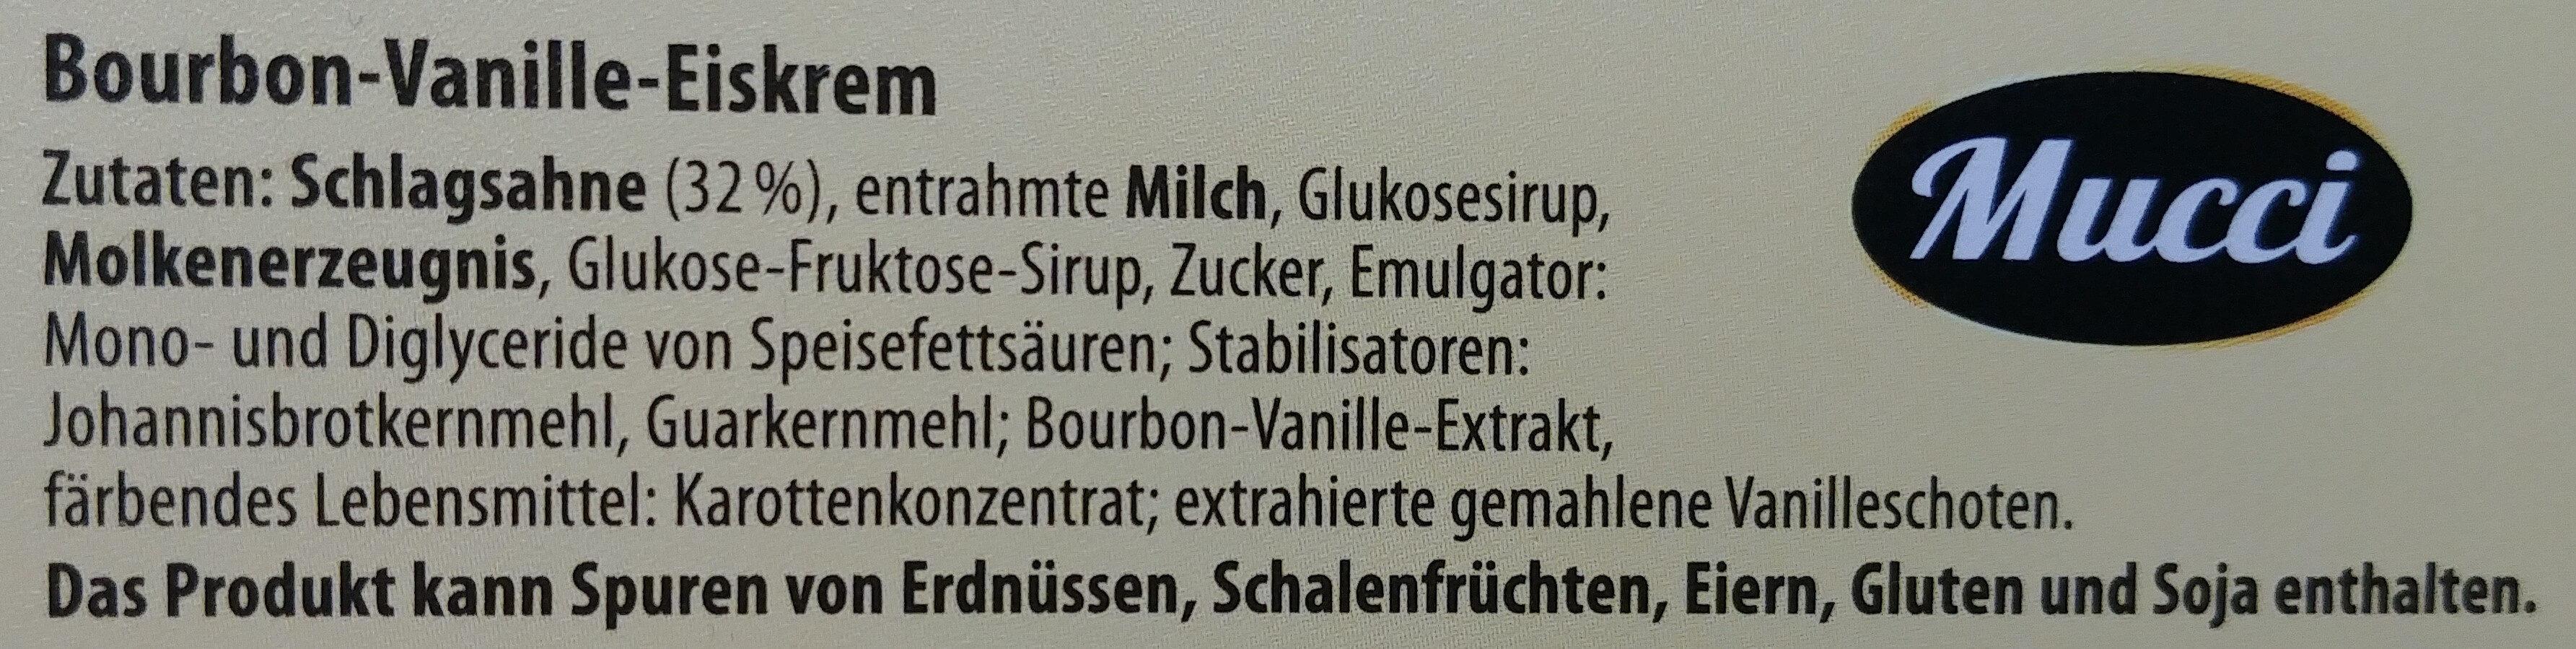 Bauron Vanille Eiskrem - Inhaltsstoffe